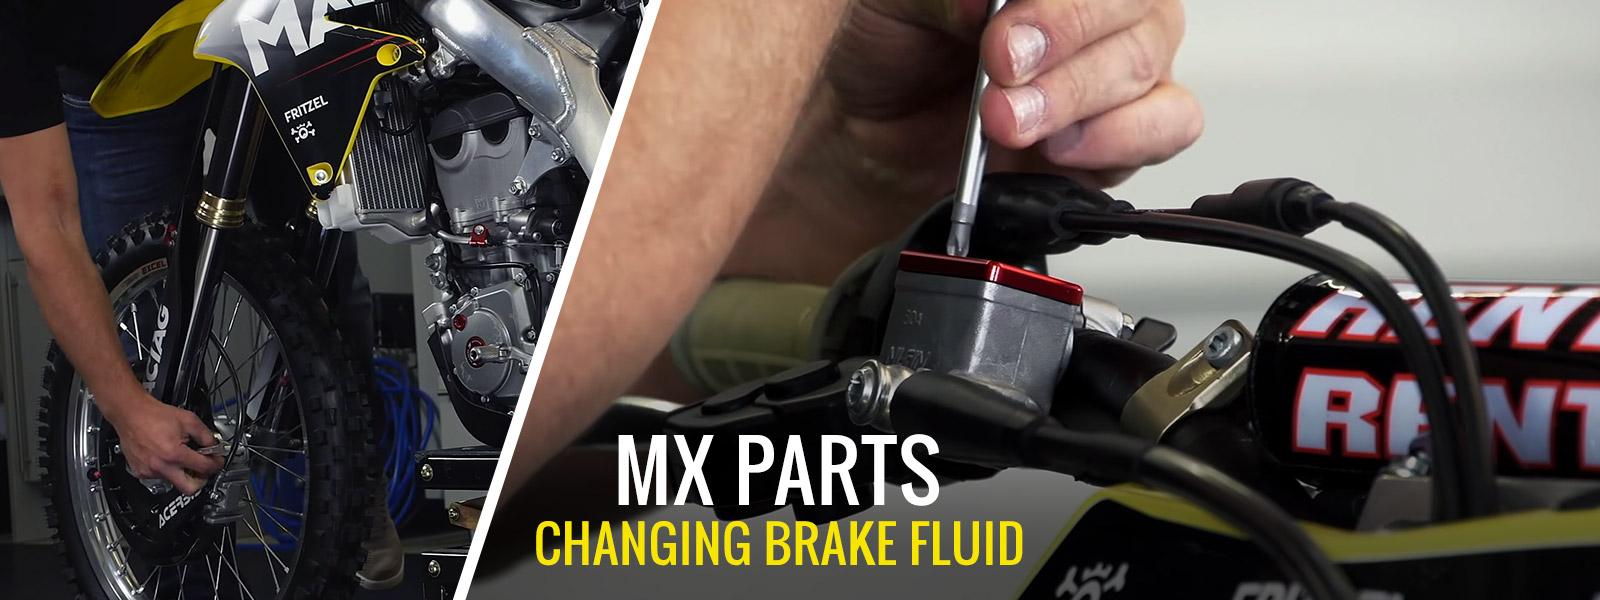 Changing Motocross & Enduro Brake Fluid